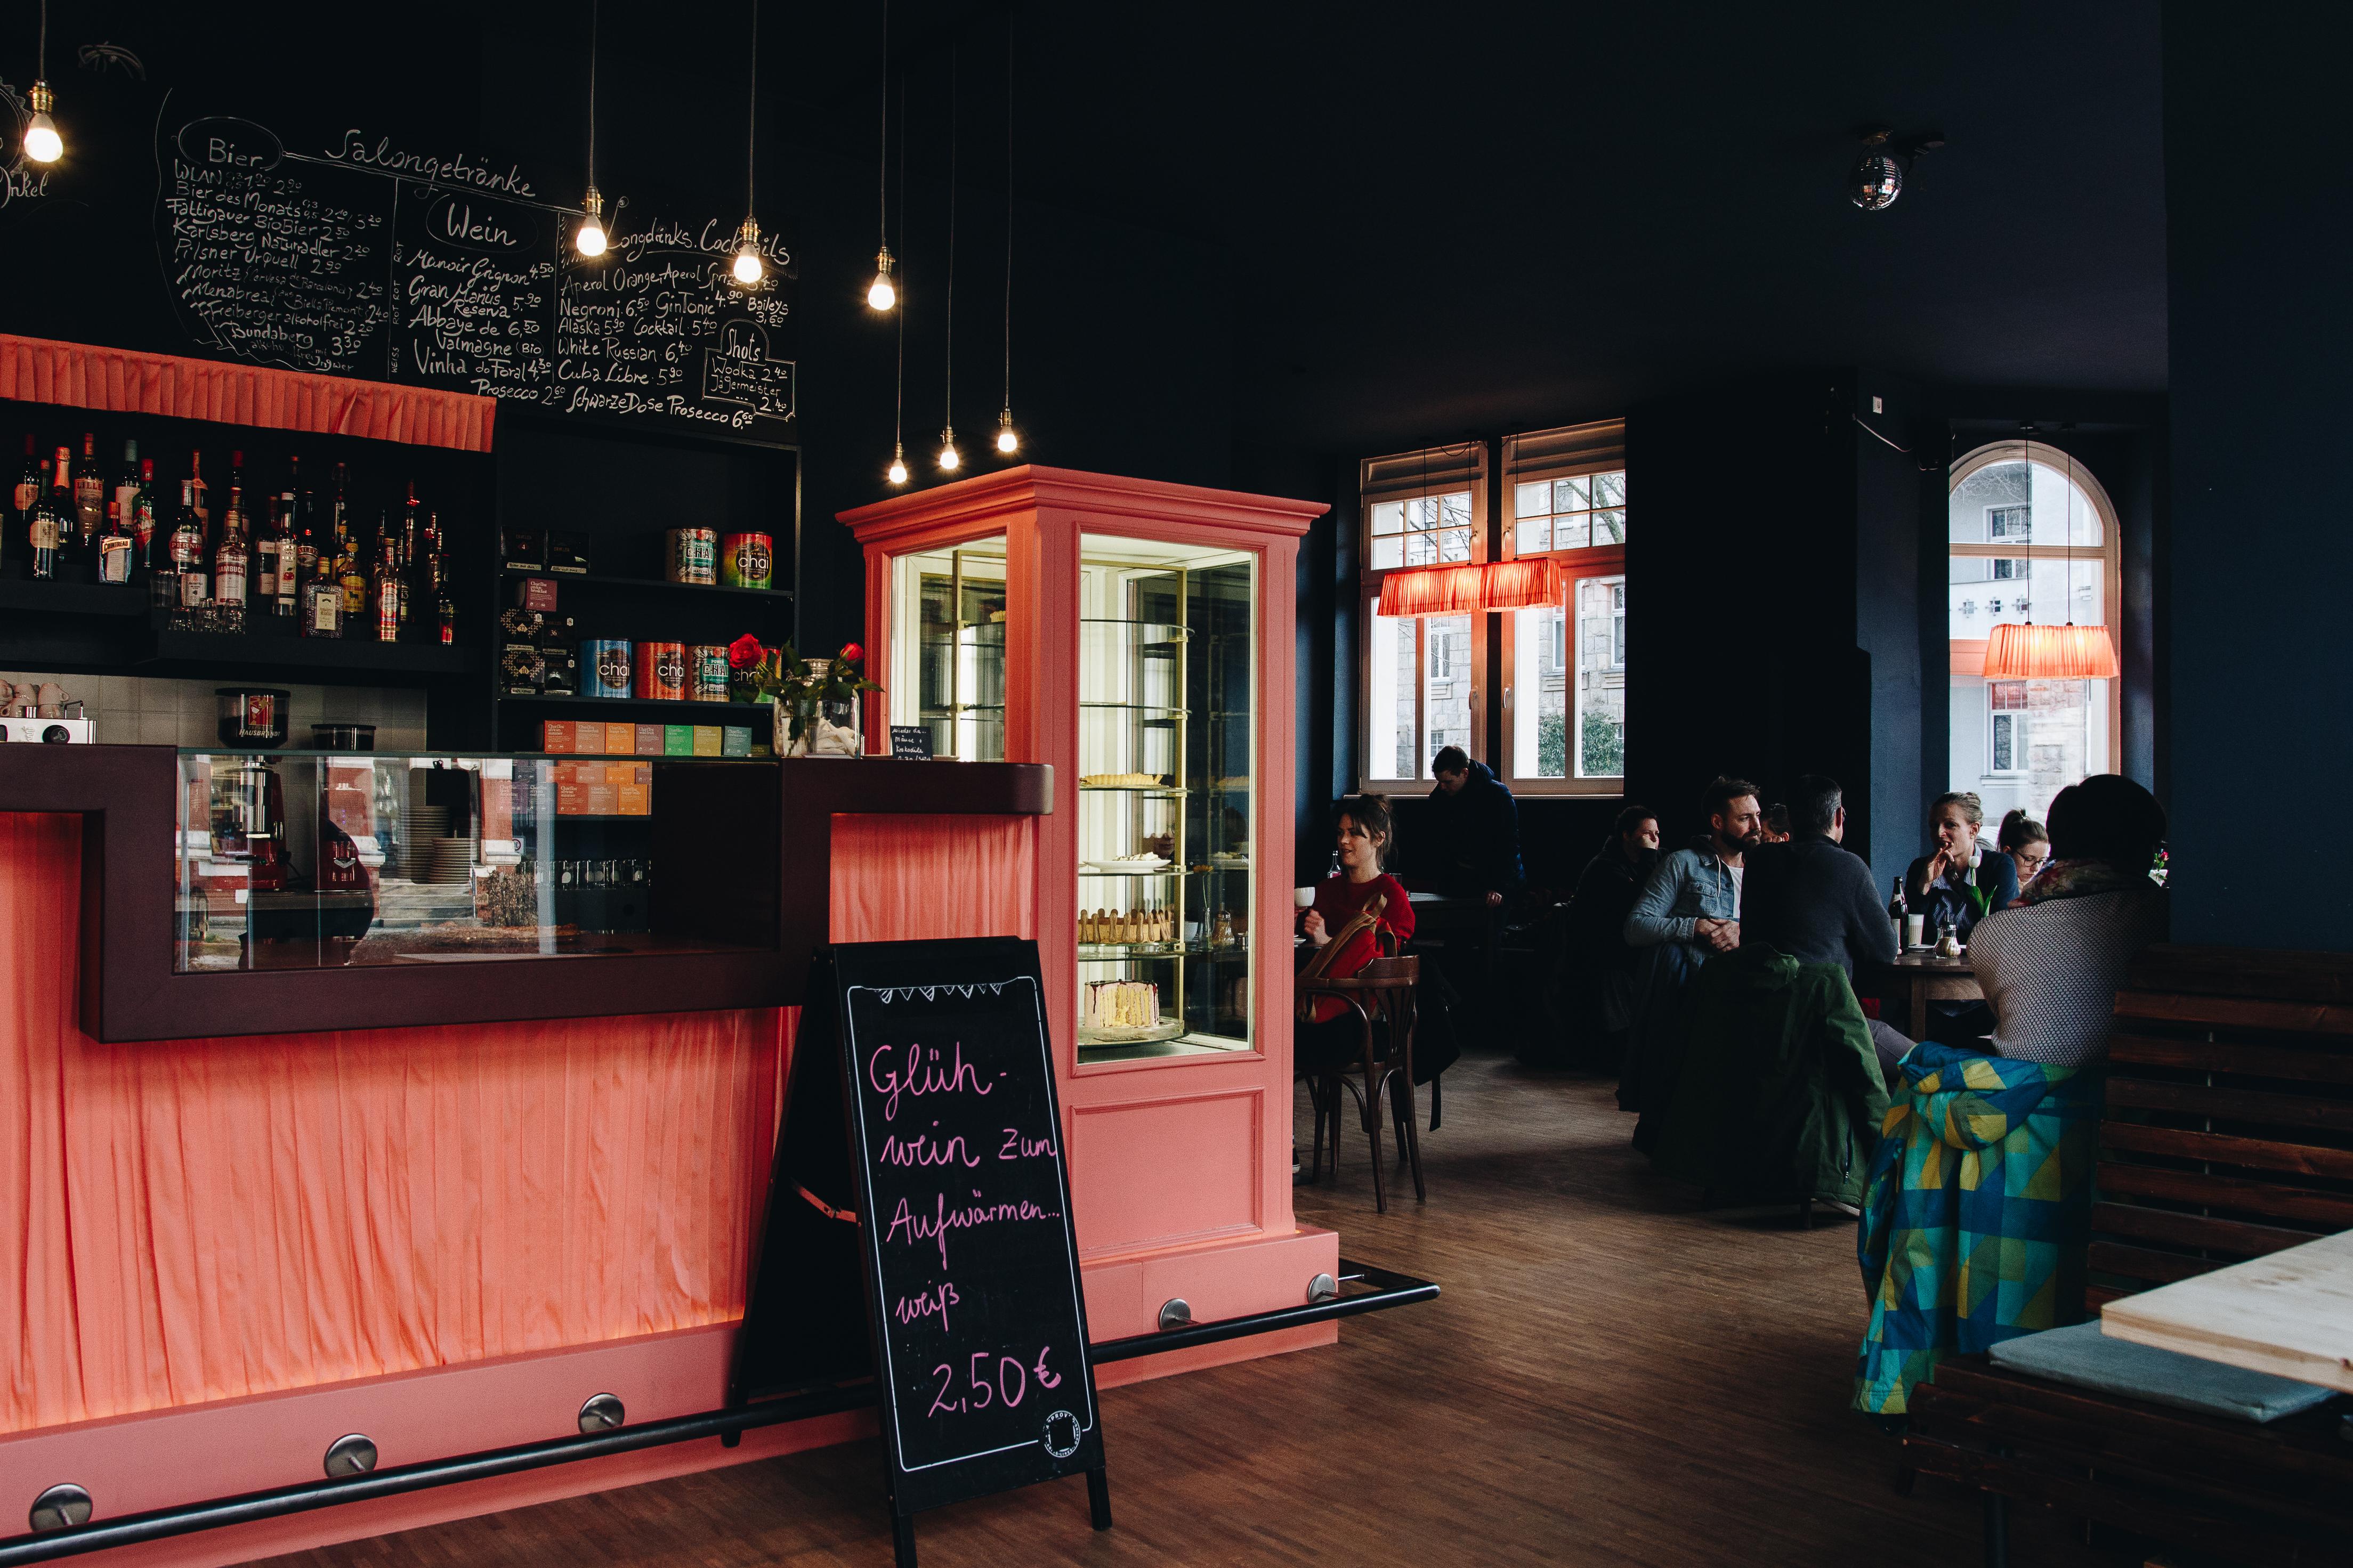 emmas onkel-chemnitz-café-kuchen-annabelle sagt18